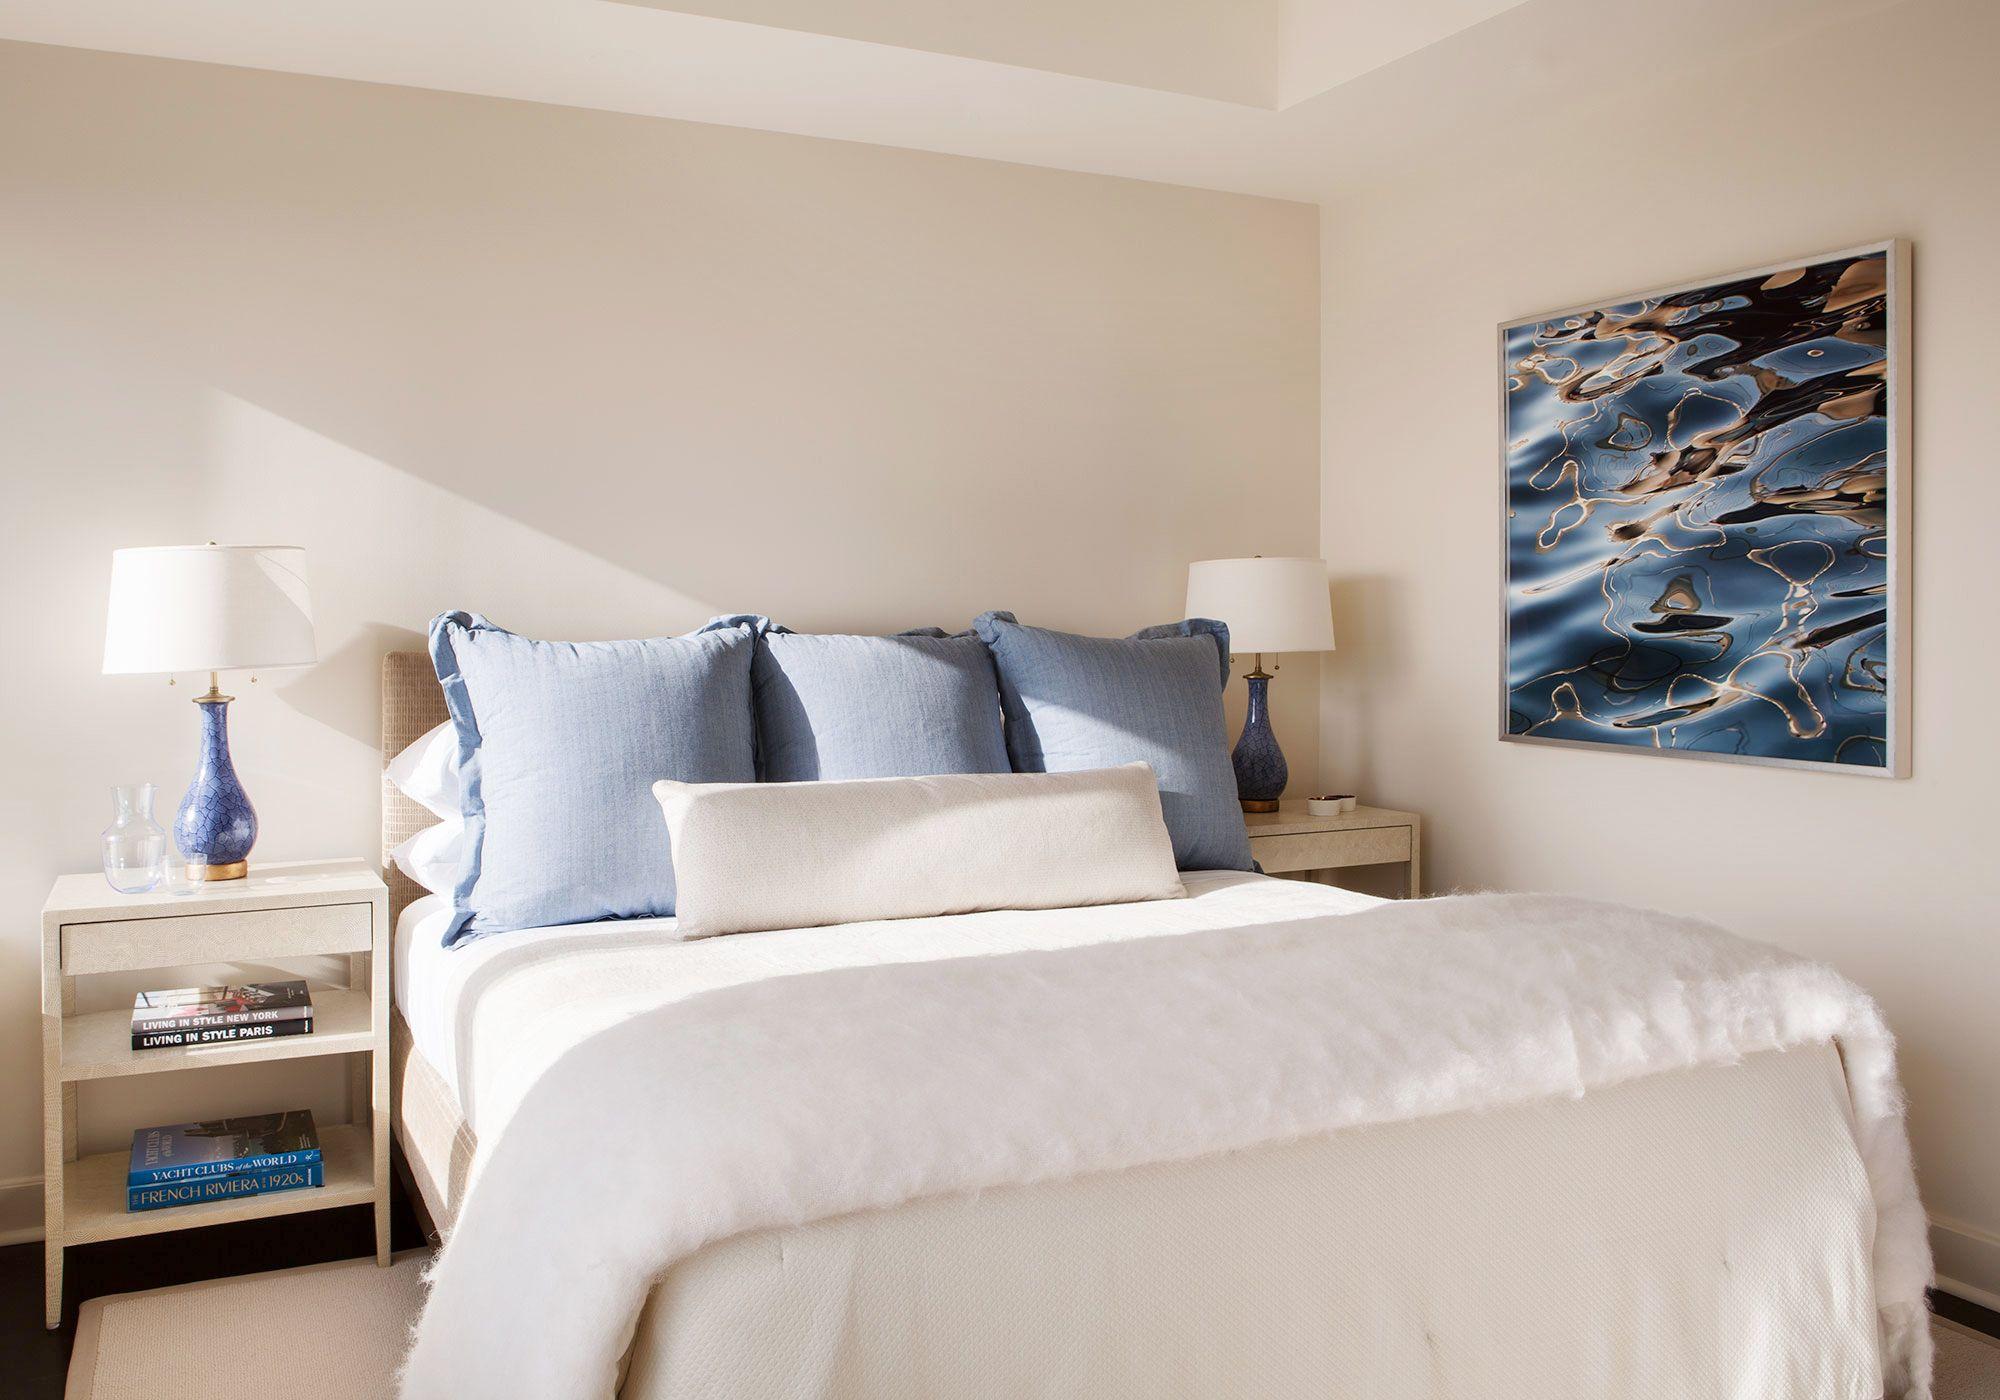 11 غرف نوم بأجمل الديكورات